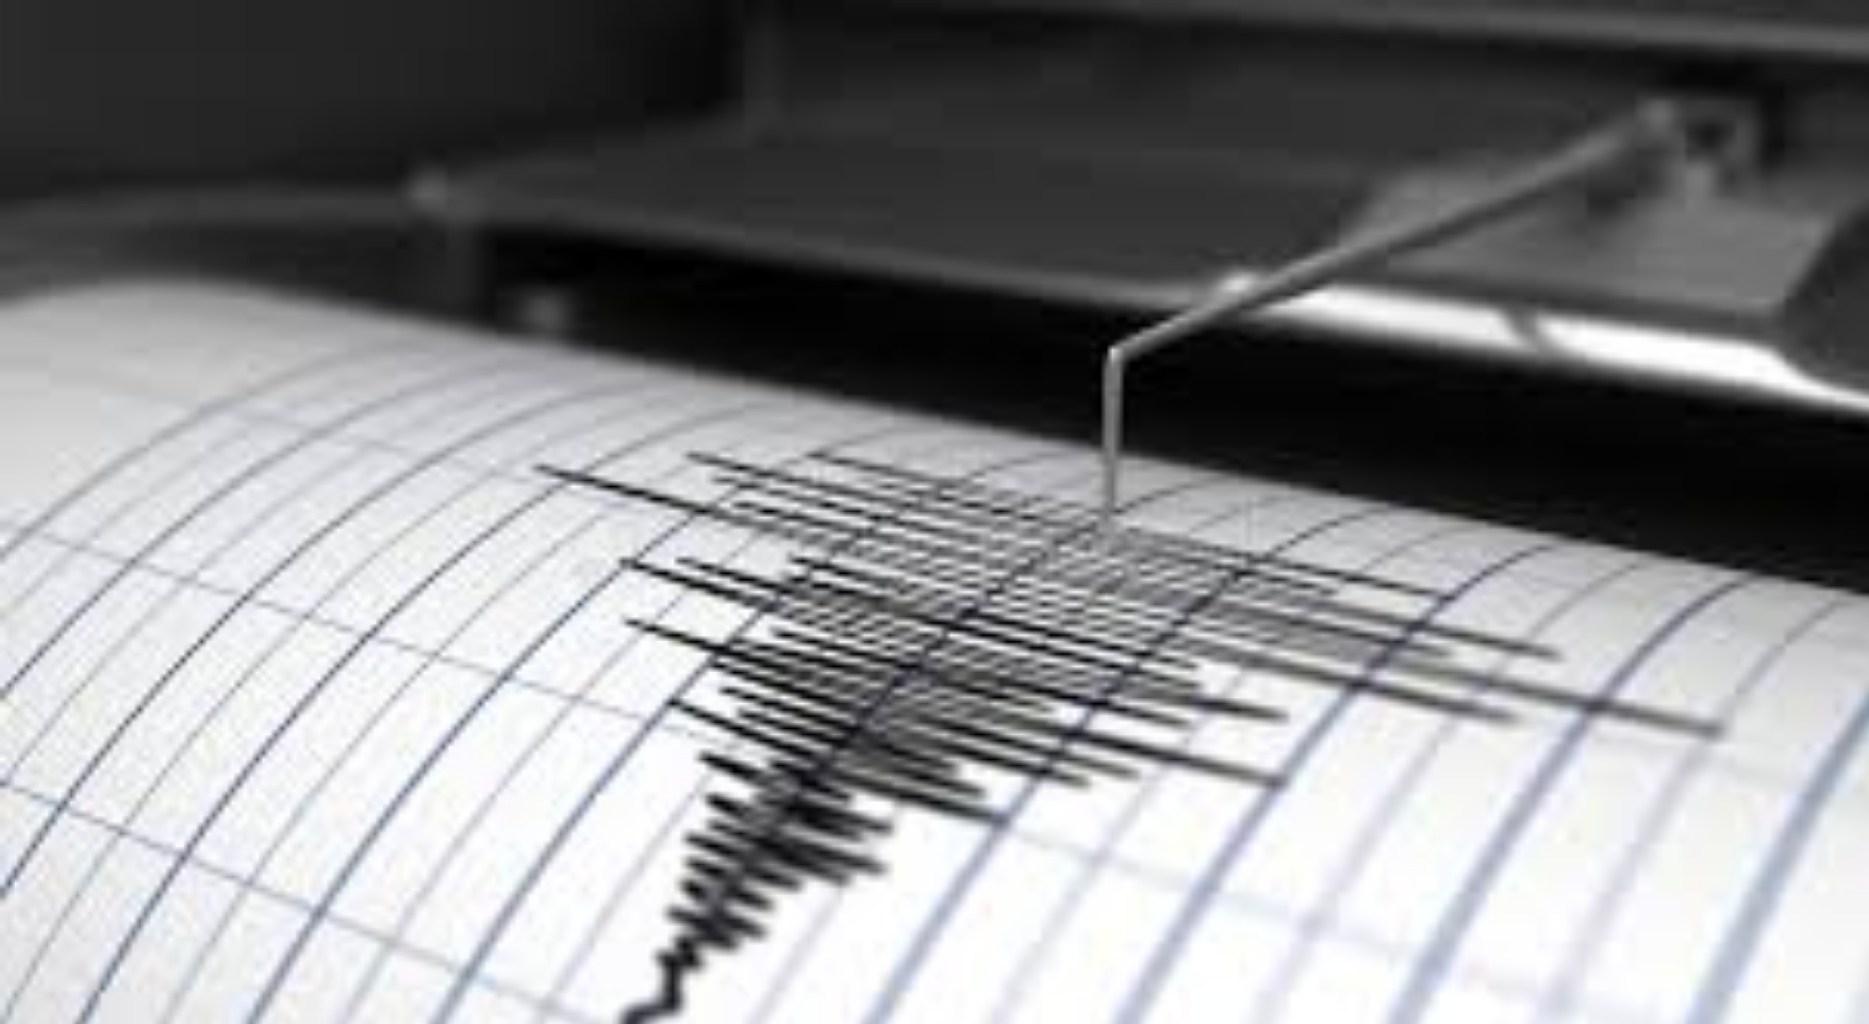 Napoli: Terremoto Oggi 20 Dicembre Campi Flegrei Due Scosse avvertite nella notte